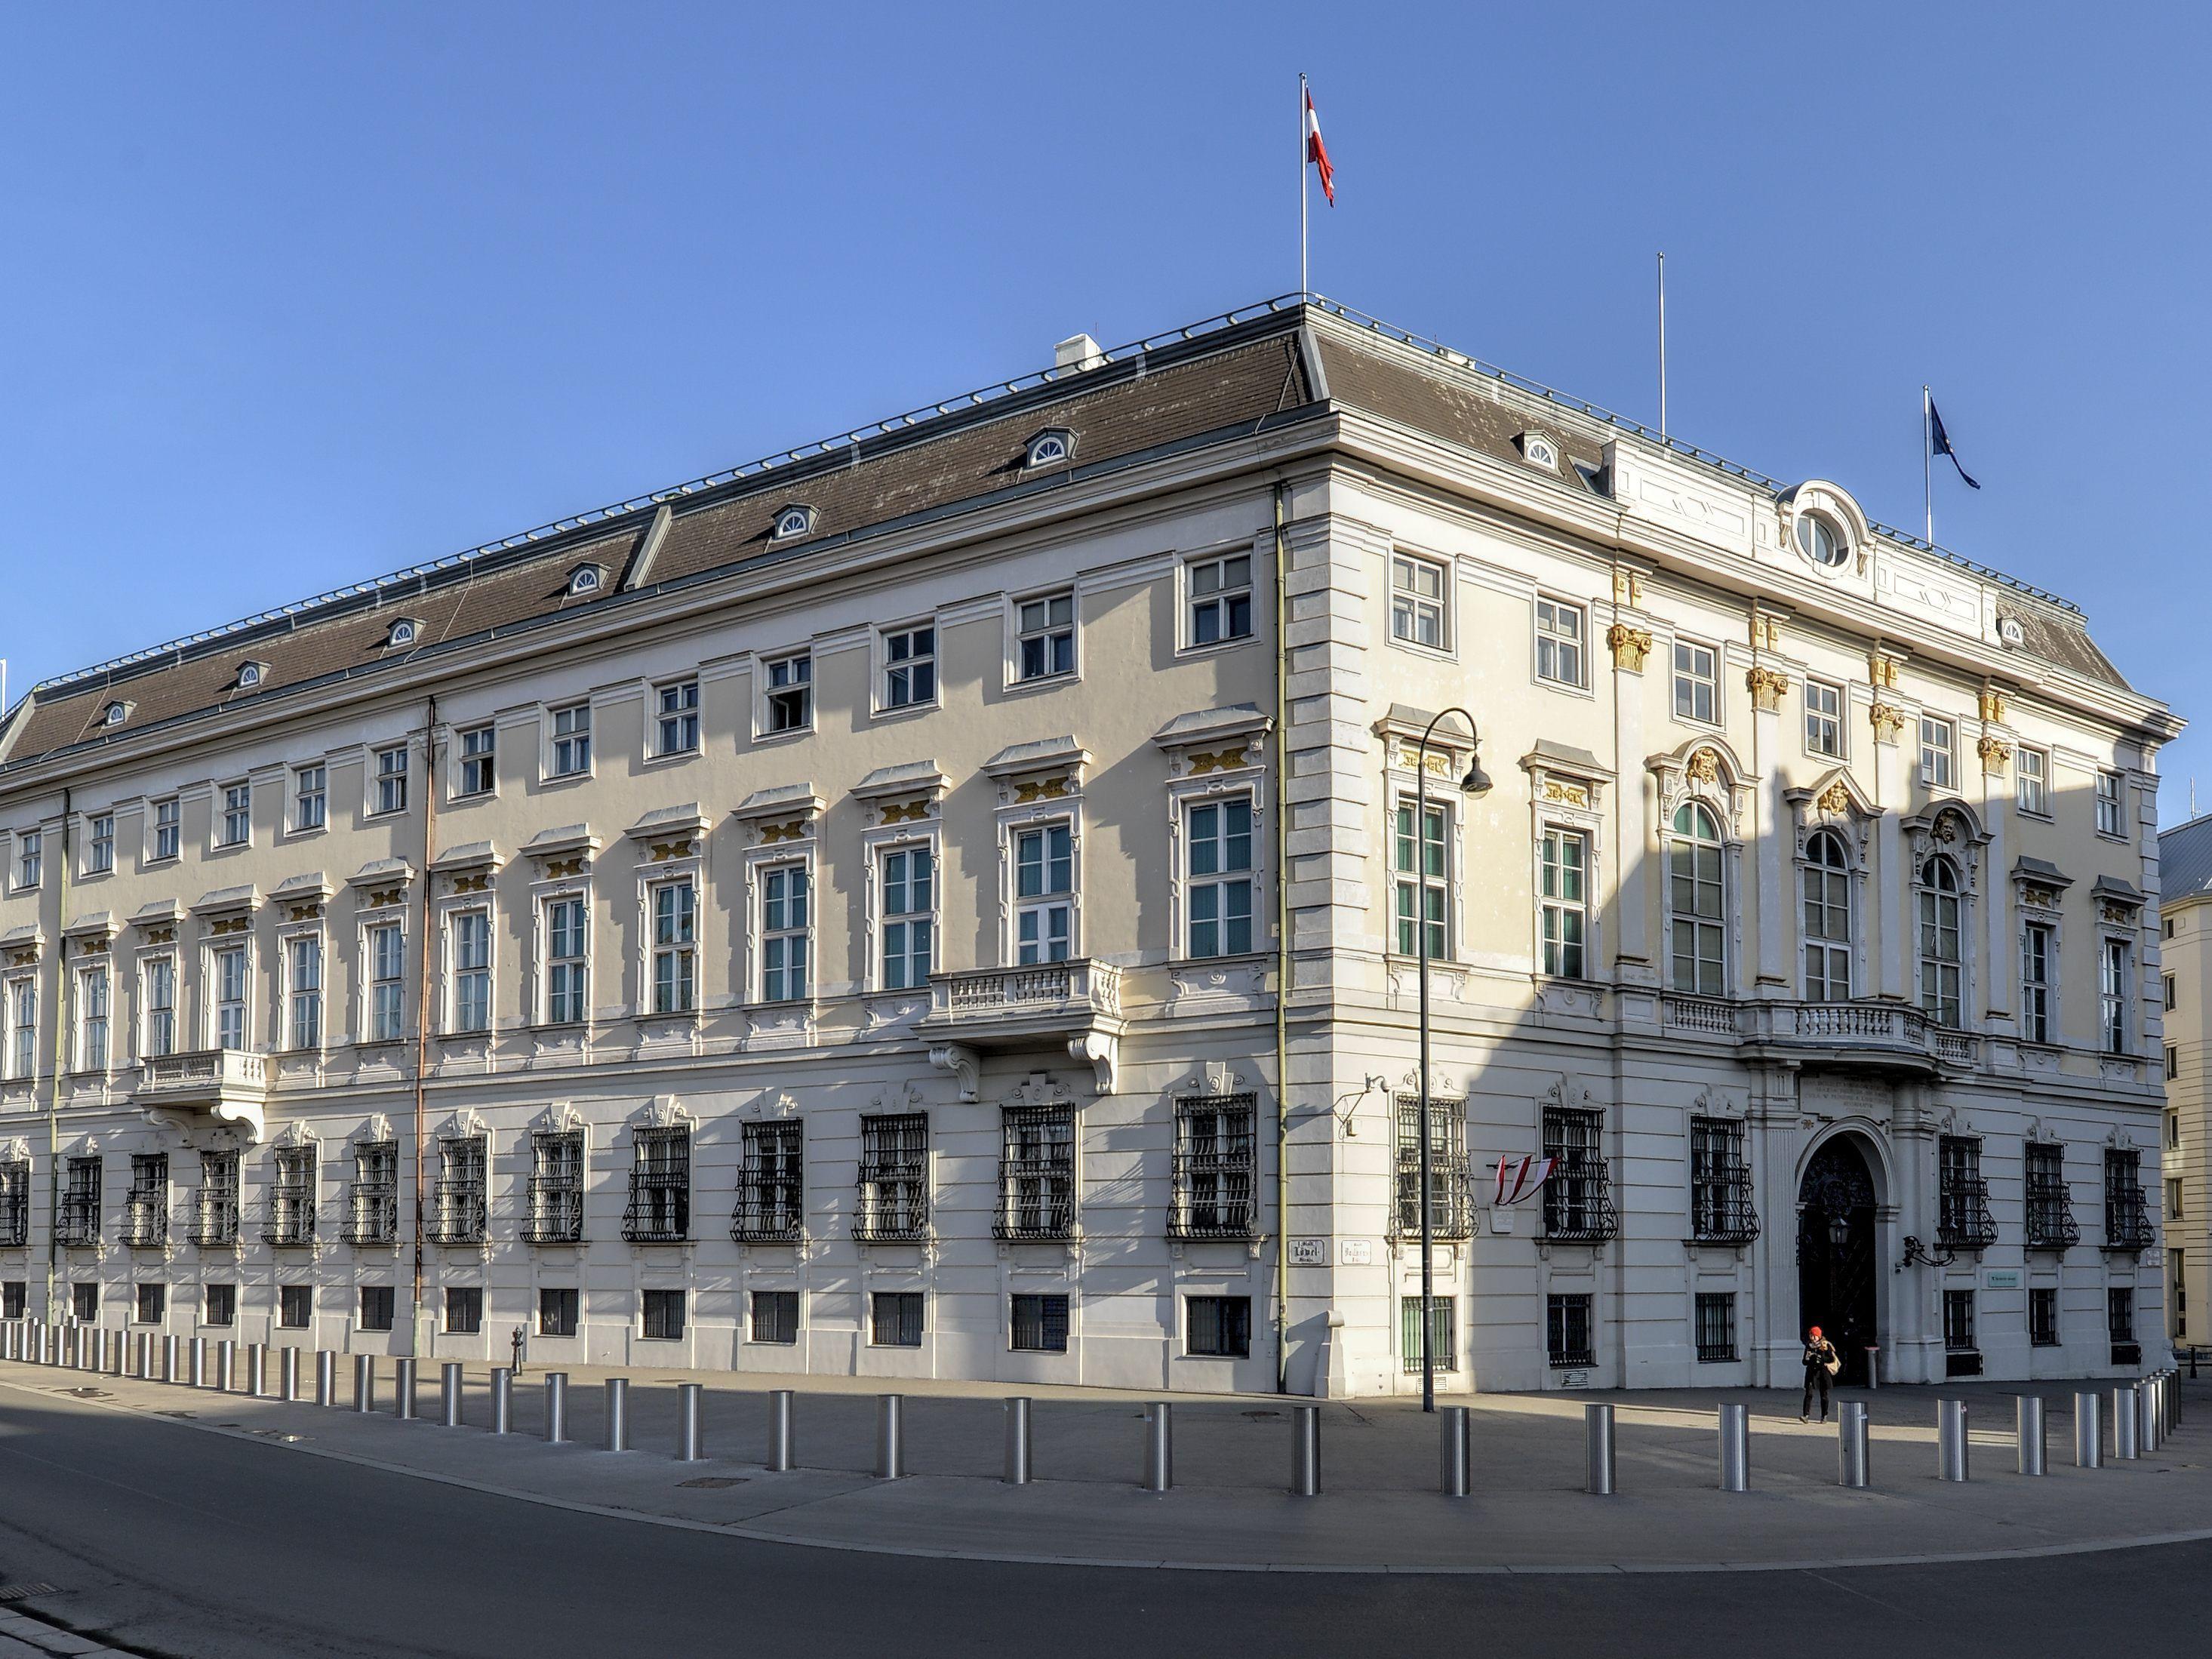 Der ÖVP-Mitarbeiter ließ Daten vernichten- beglich die Rechnung jedoch nicht